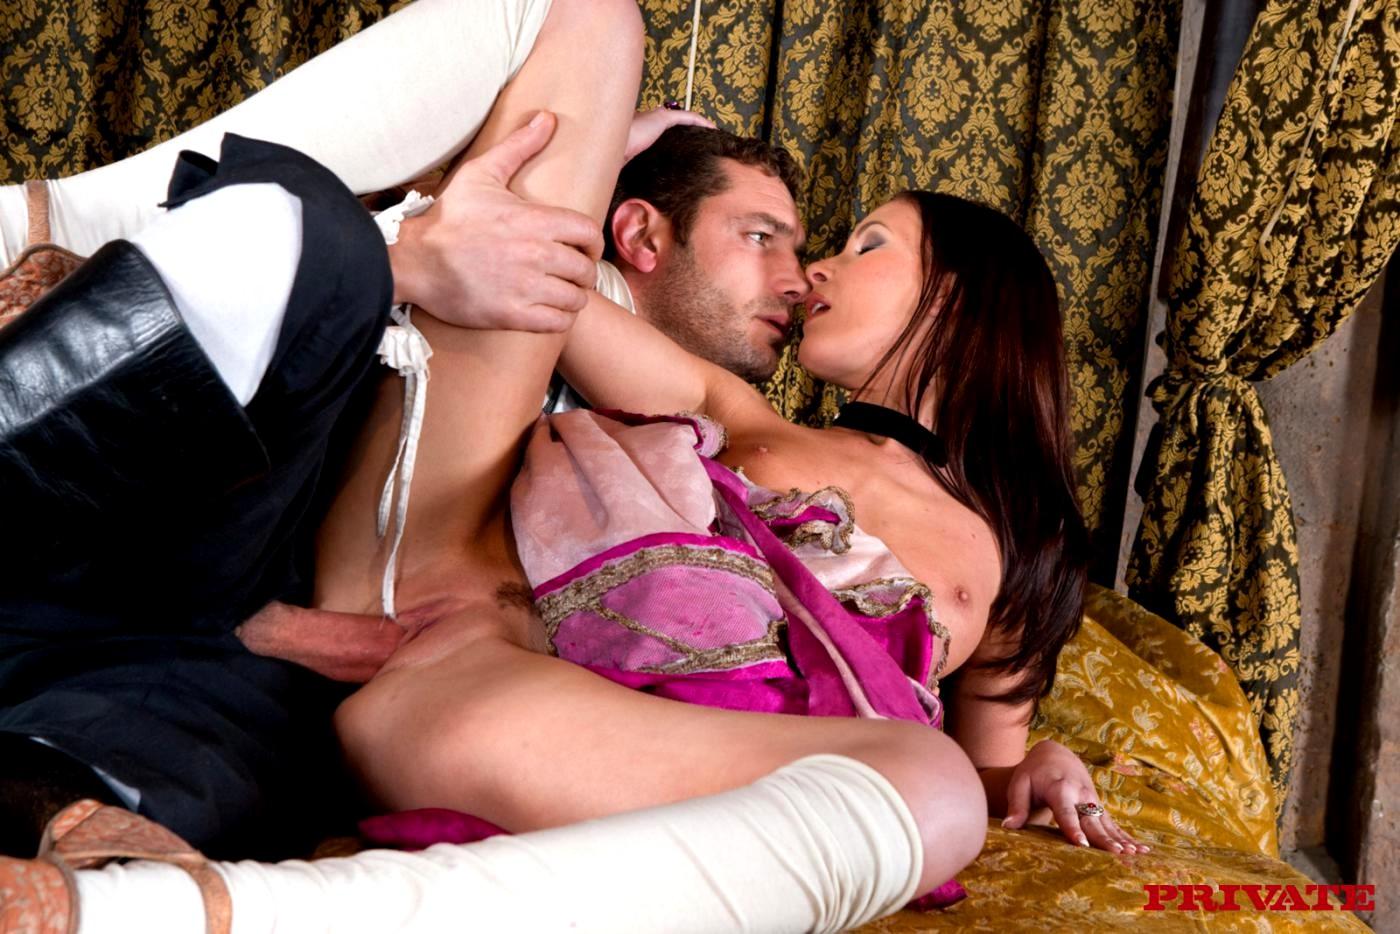 Секс в средневековом стиле, Ретро порно в средневековом стиле, ухоженные леди 21 фотография